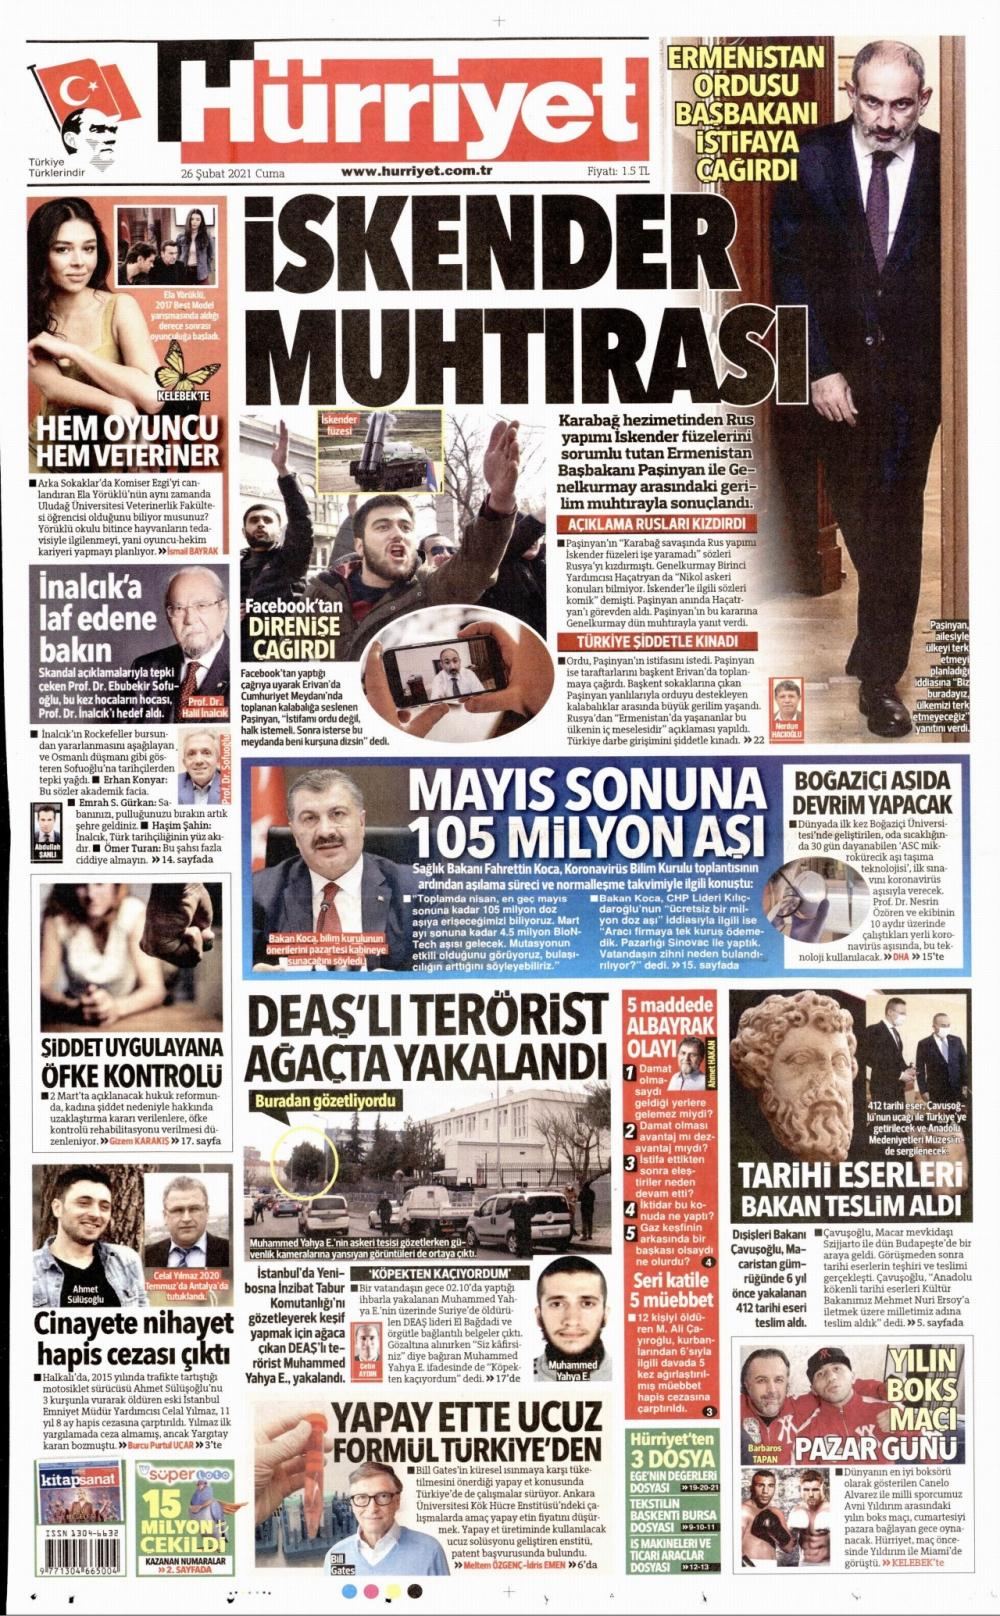 Günün Gazete Manşetleri 26 Şubat 2021 Gazeteler Ne Diyor? 1